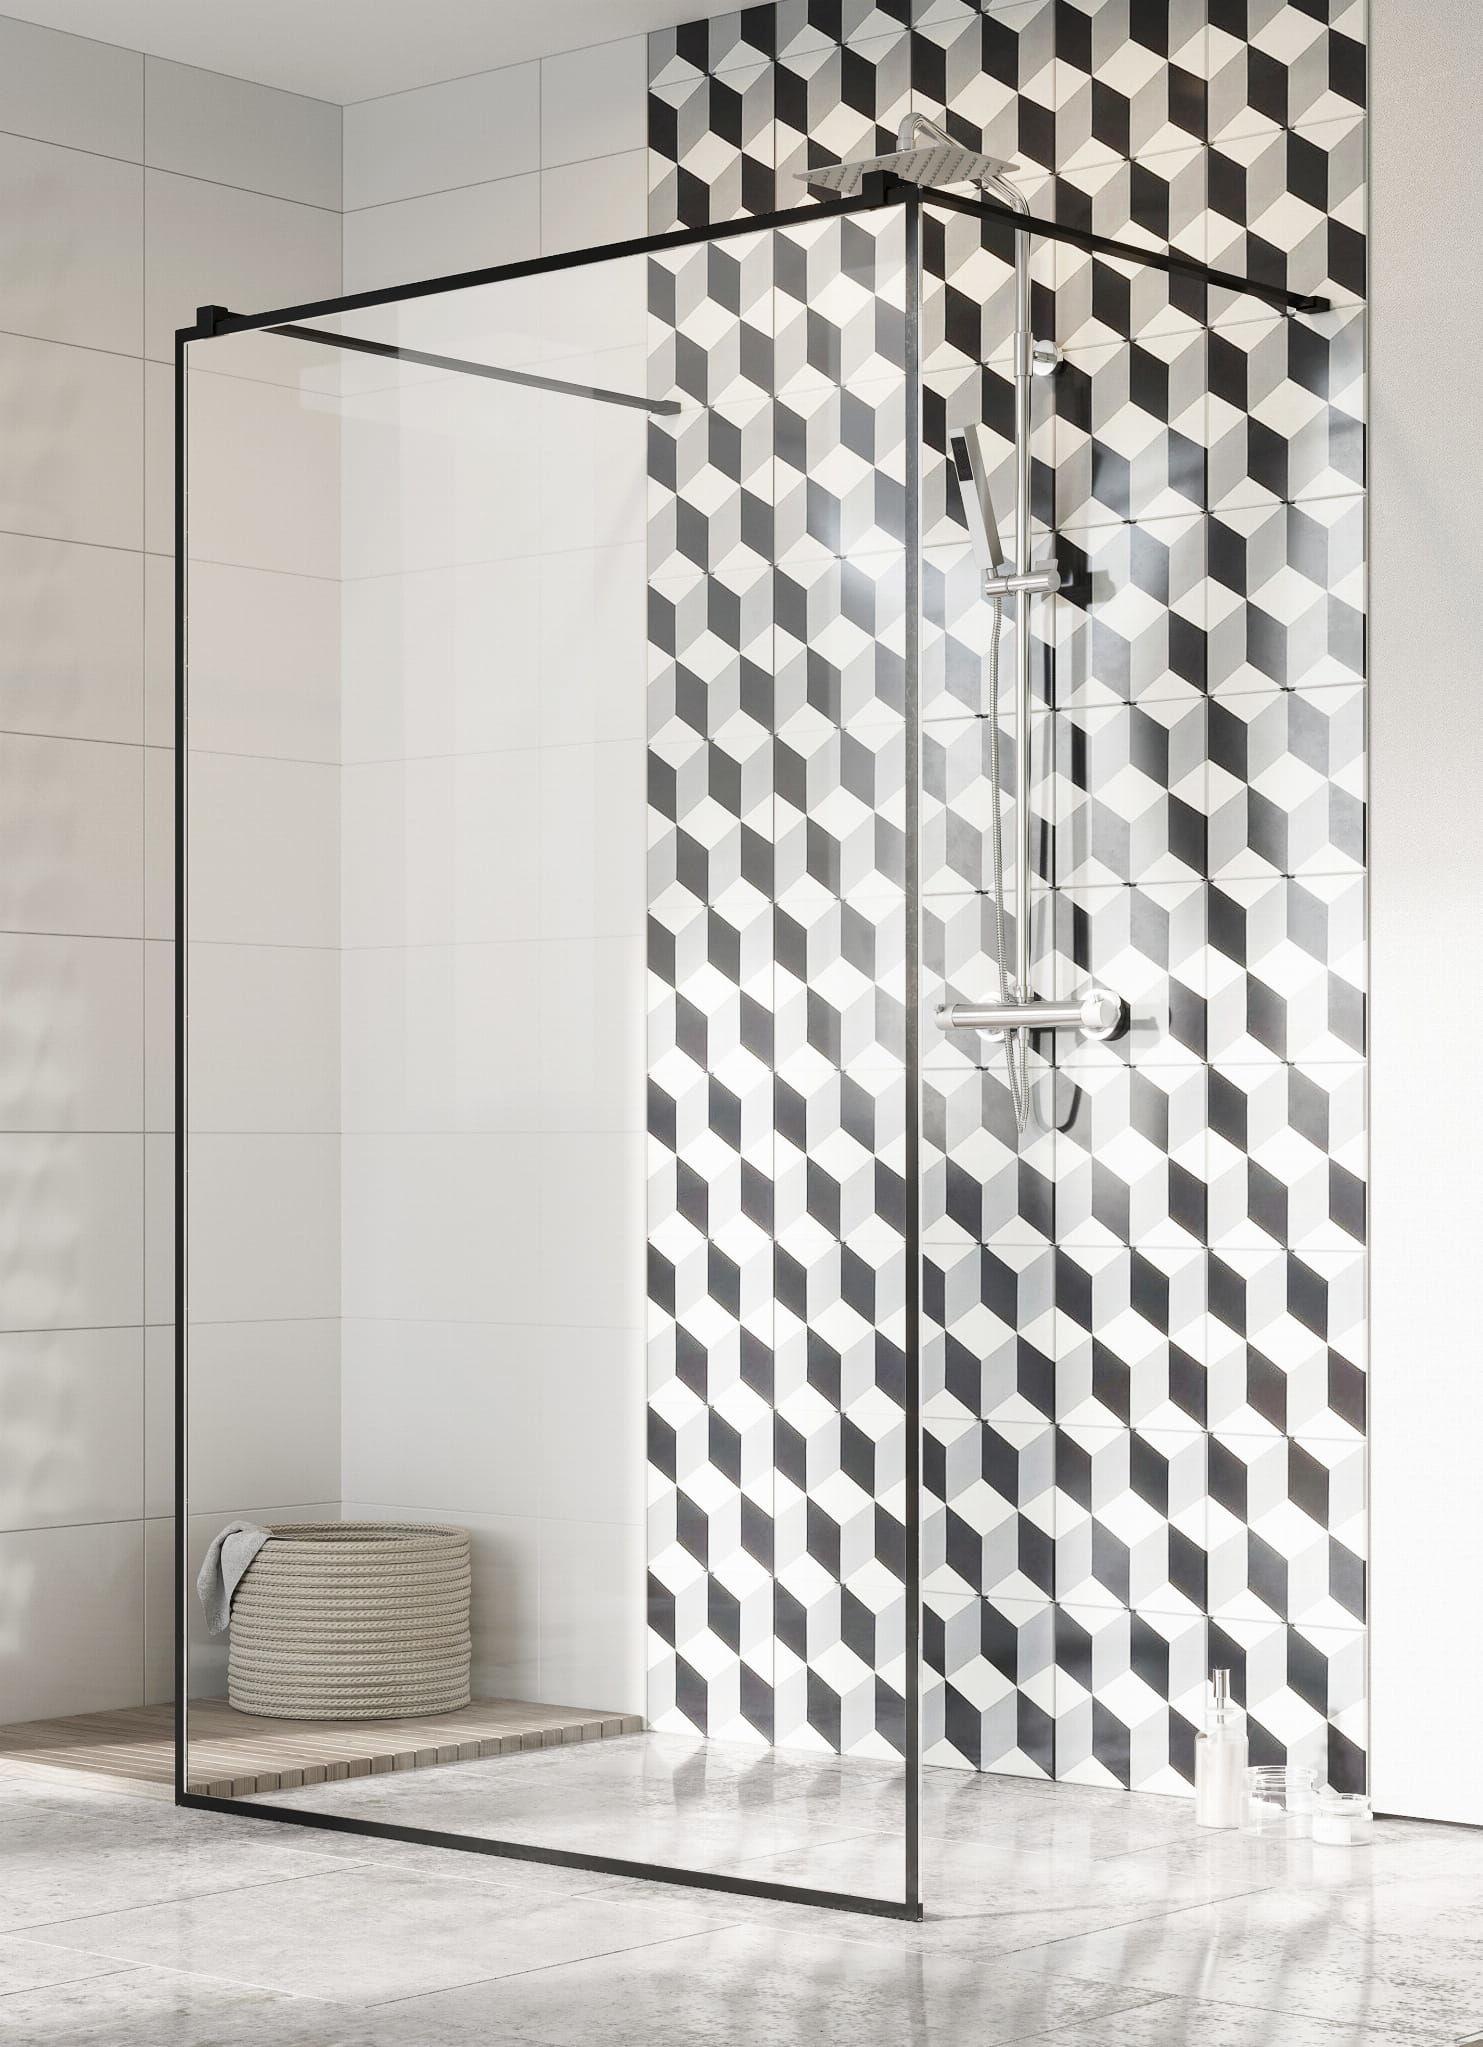 Kabina prysznicowa Walk-In Radaway Modo New Black I Frame 130 cm, szkło przejrzyste, wys. 200 cm 388134-54-58